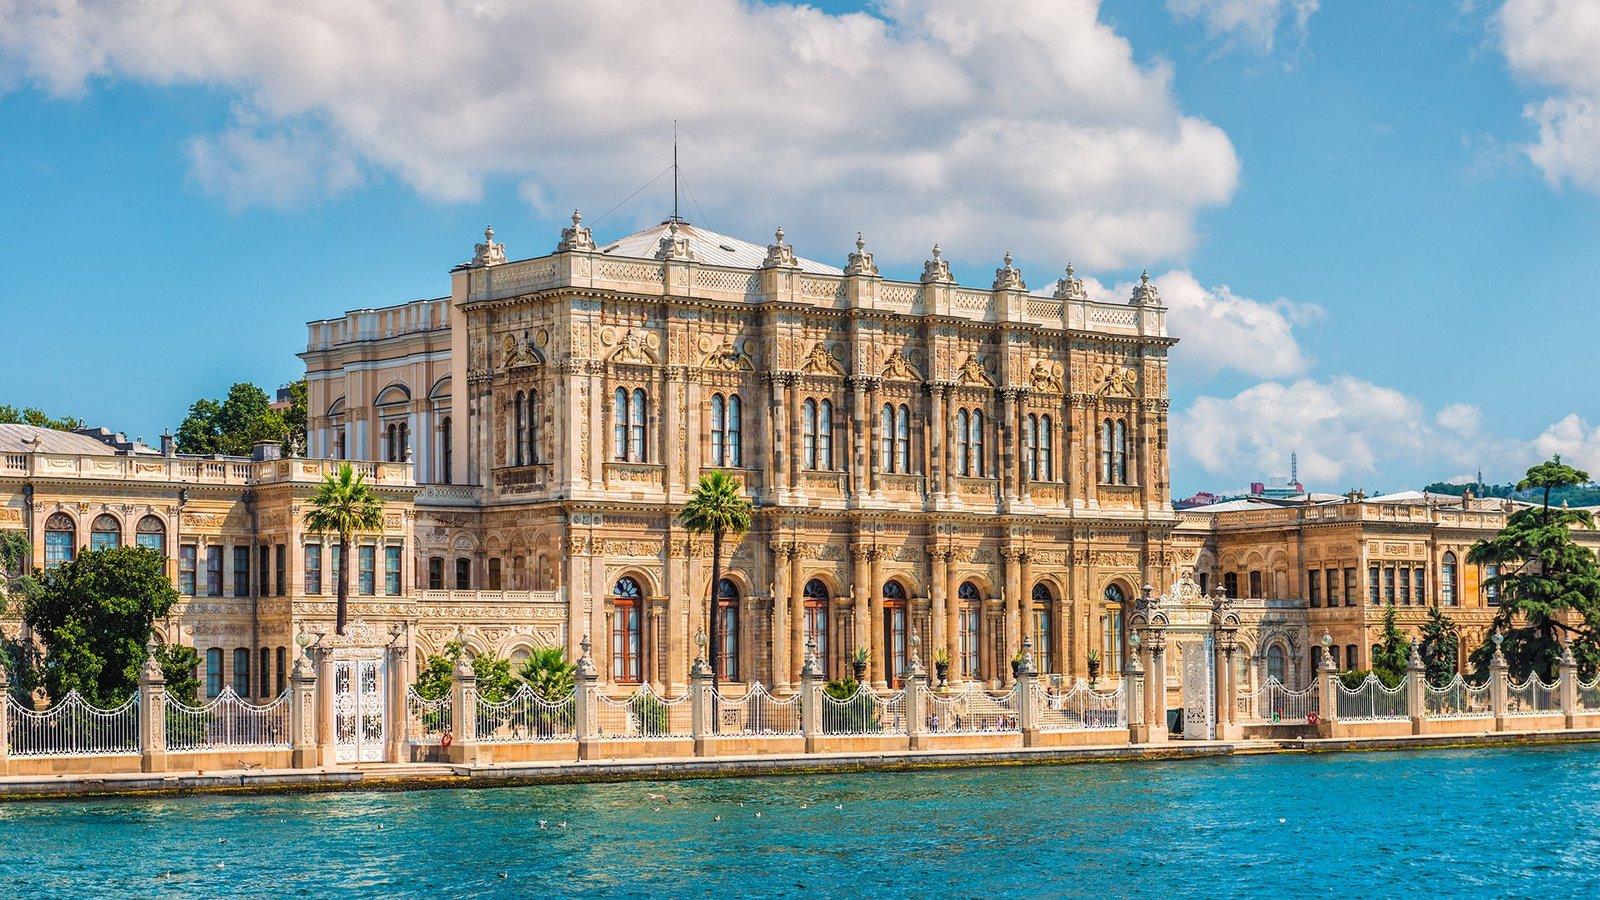 У вас буде можливість познайомитися із історією архітектури такого величного міста, як Стамбул